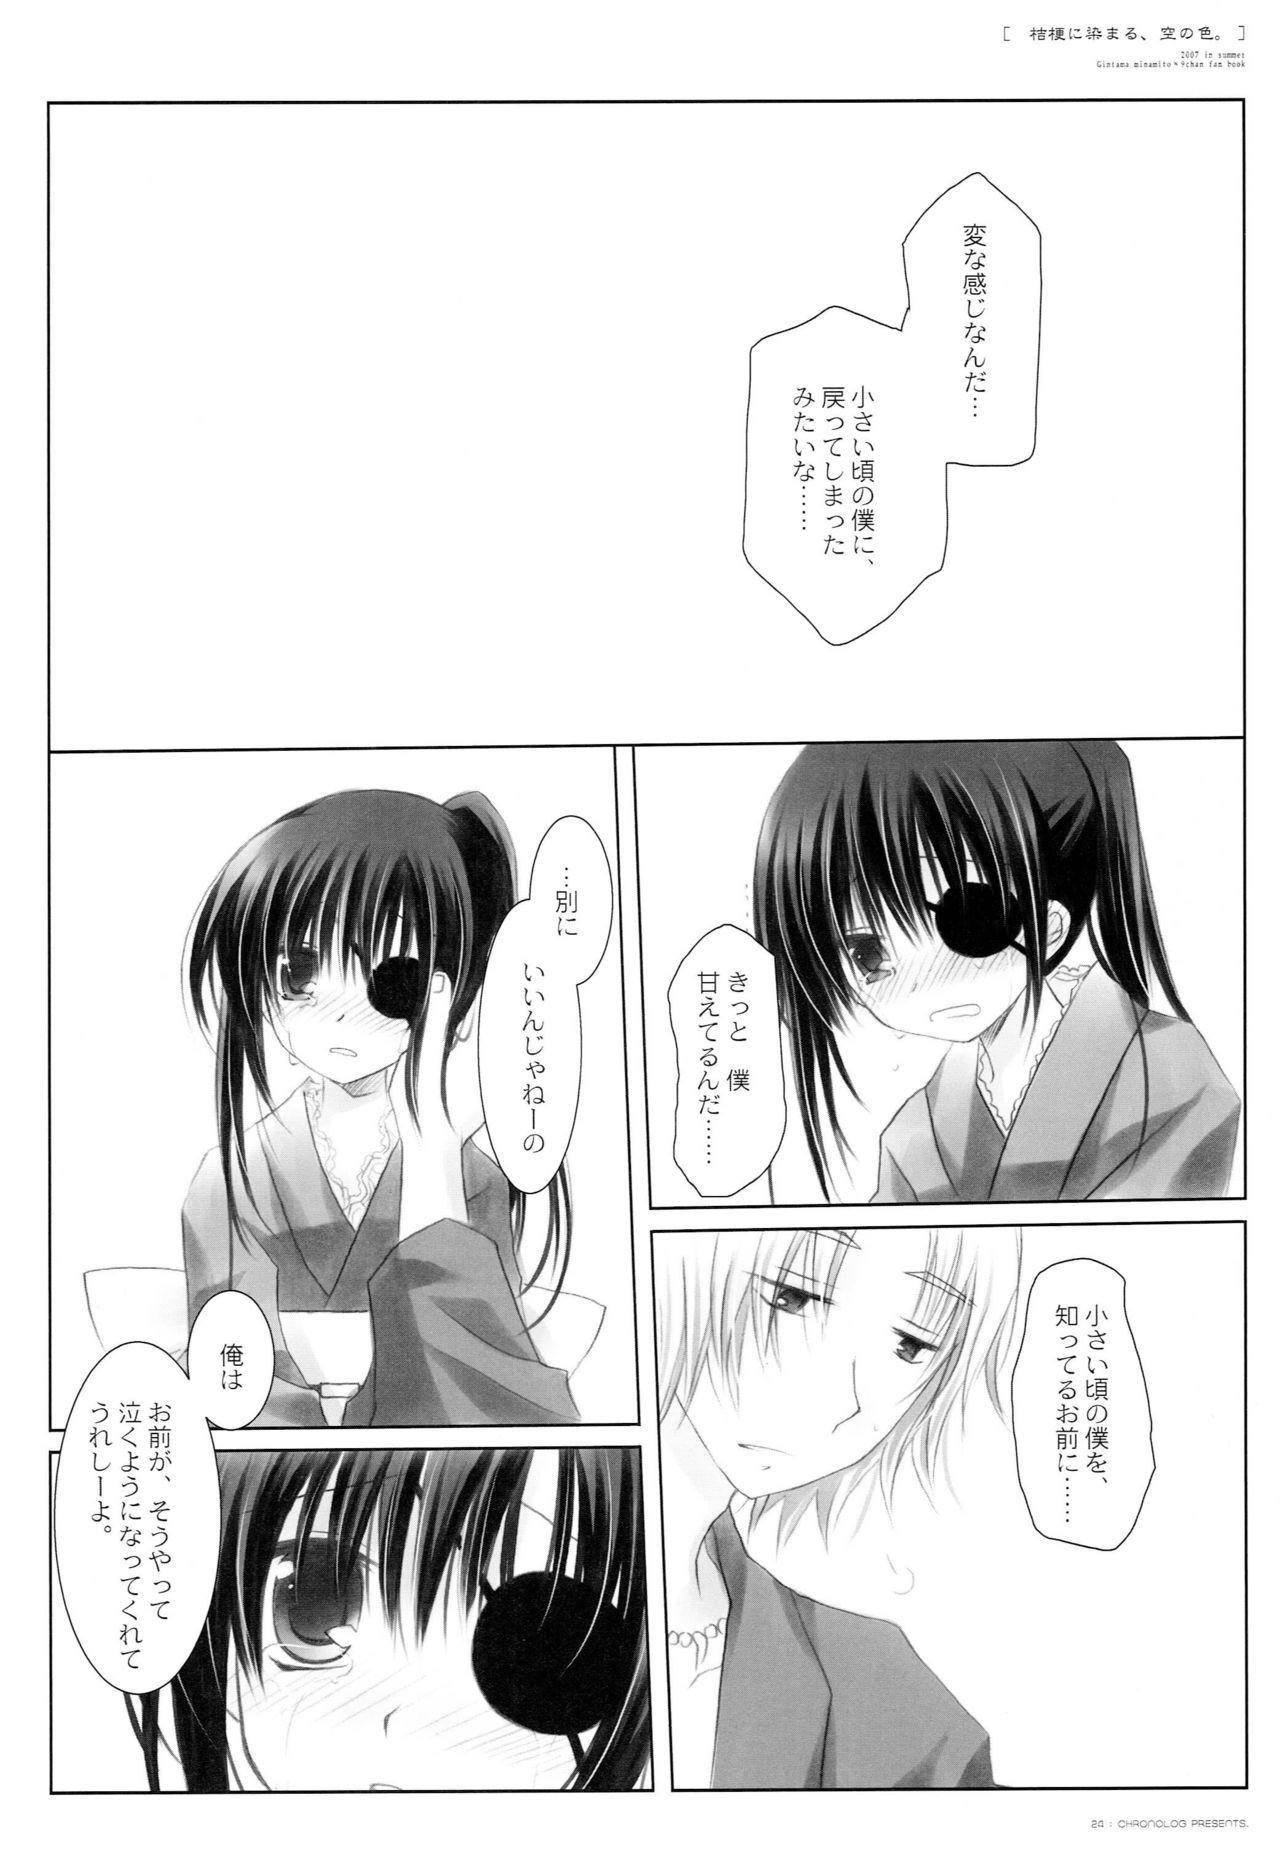 Kikyou ni Somaru Sora no Iro 22